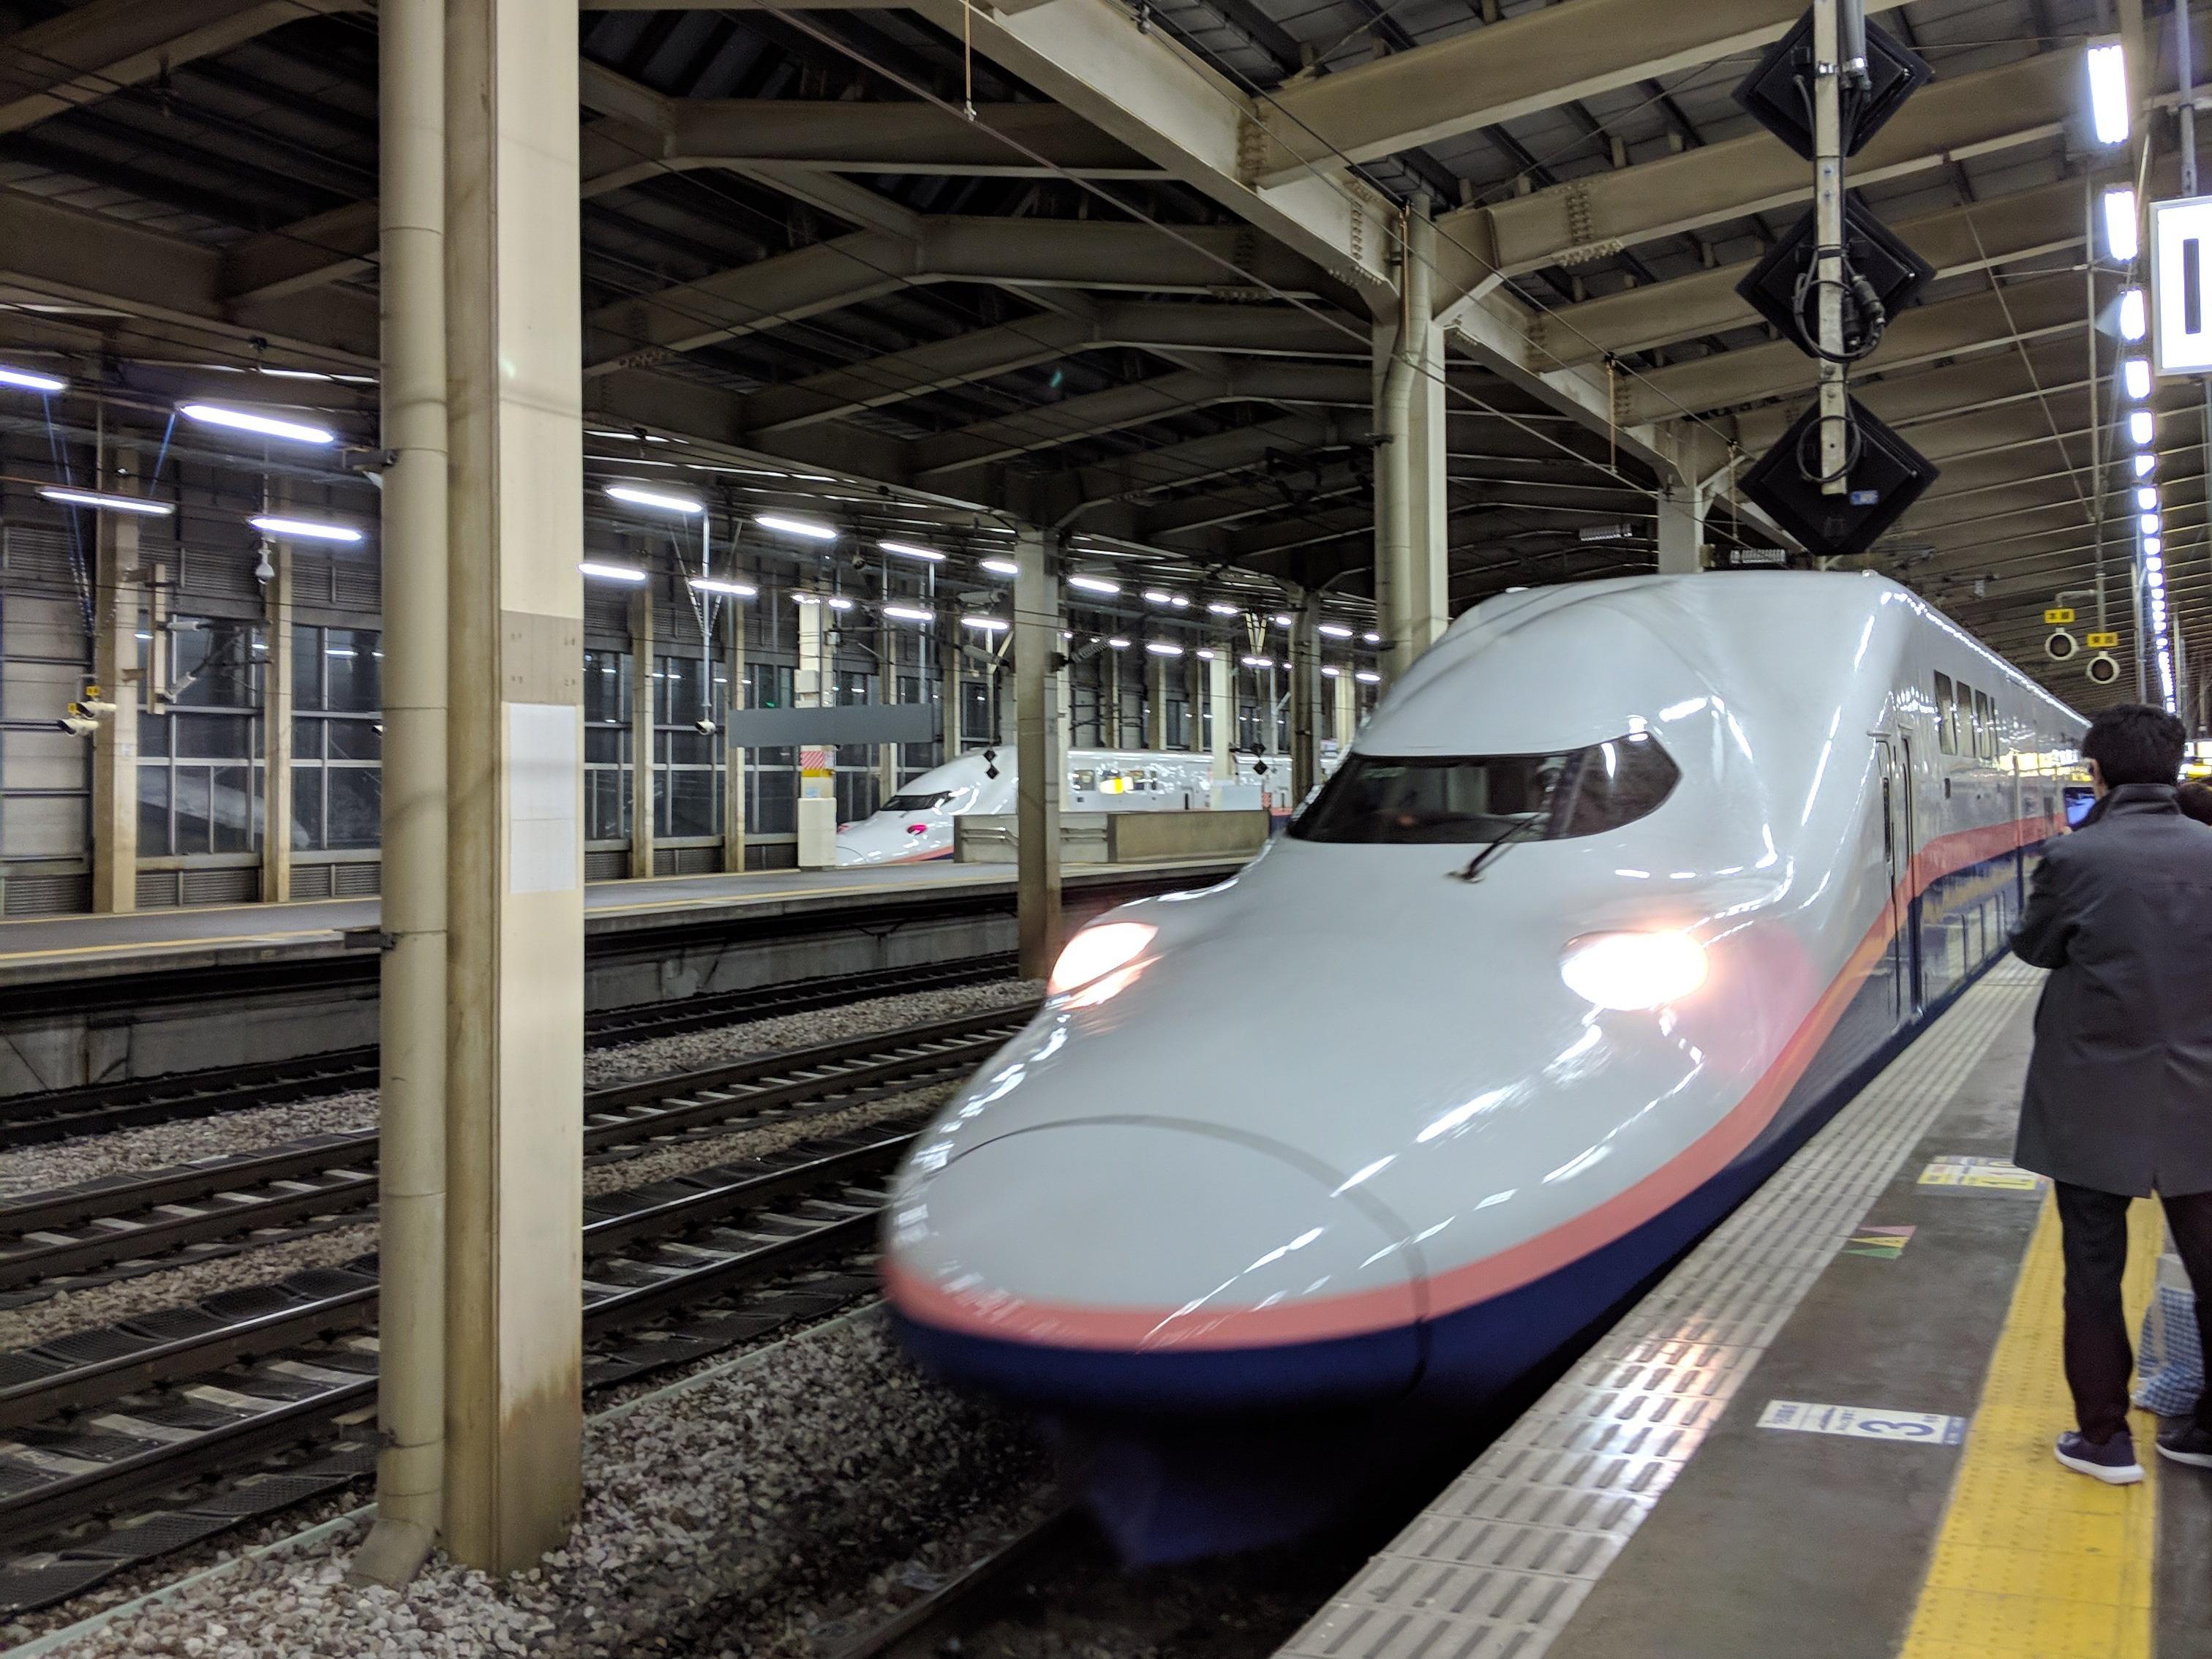 JRガーラ湯沢の日帰りプランは新幹線で手軽に日帰りができちゃうのです